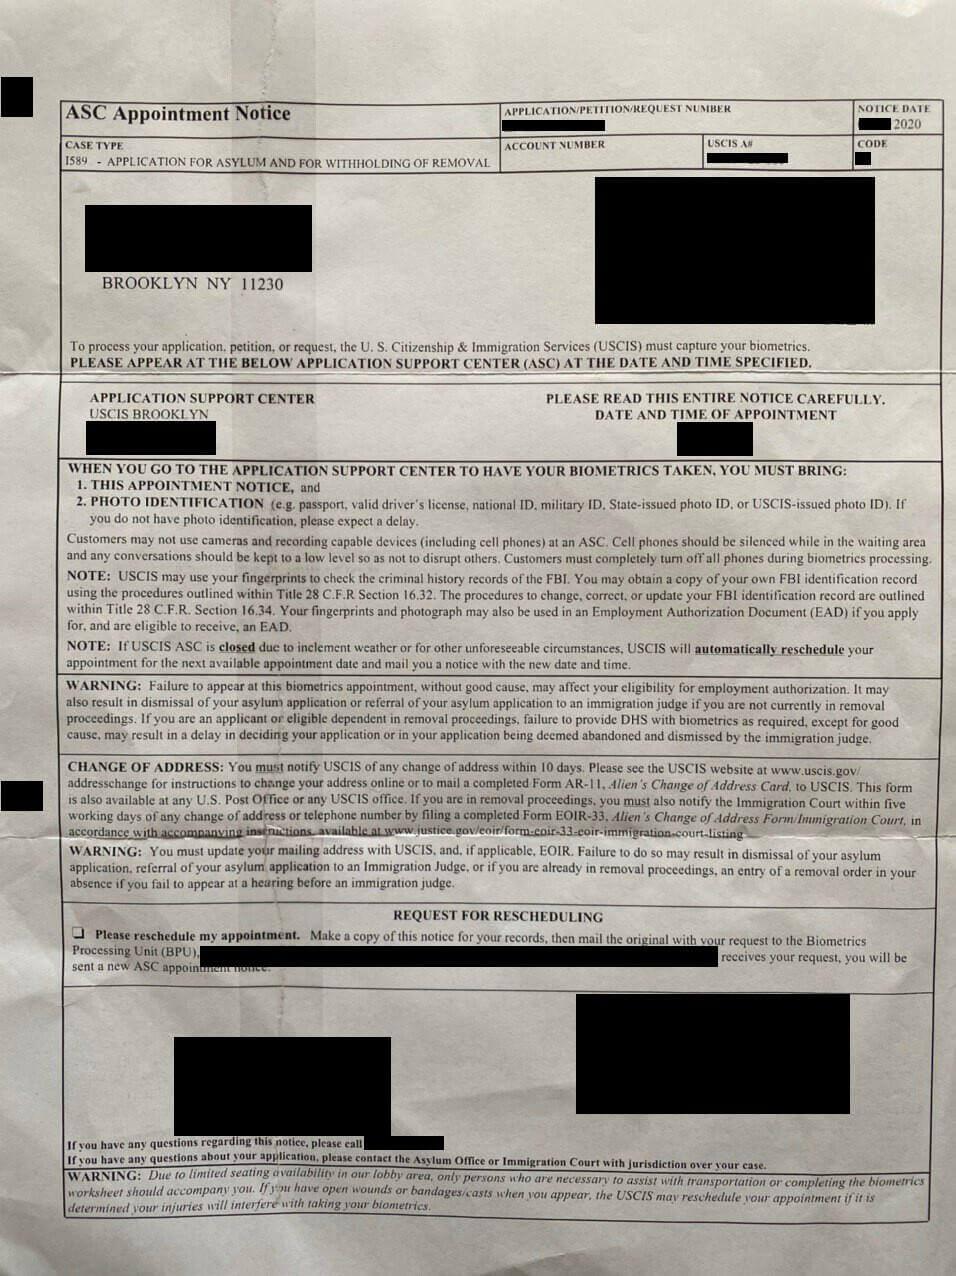 форма I-797C - Biometric Services Notice